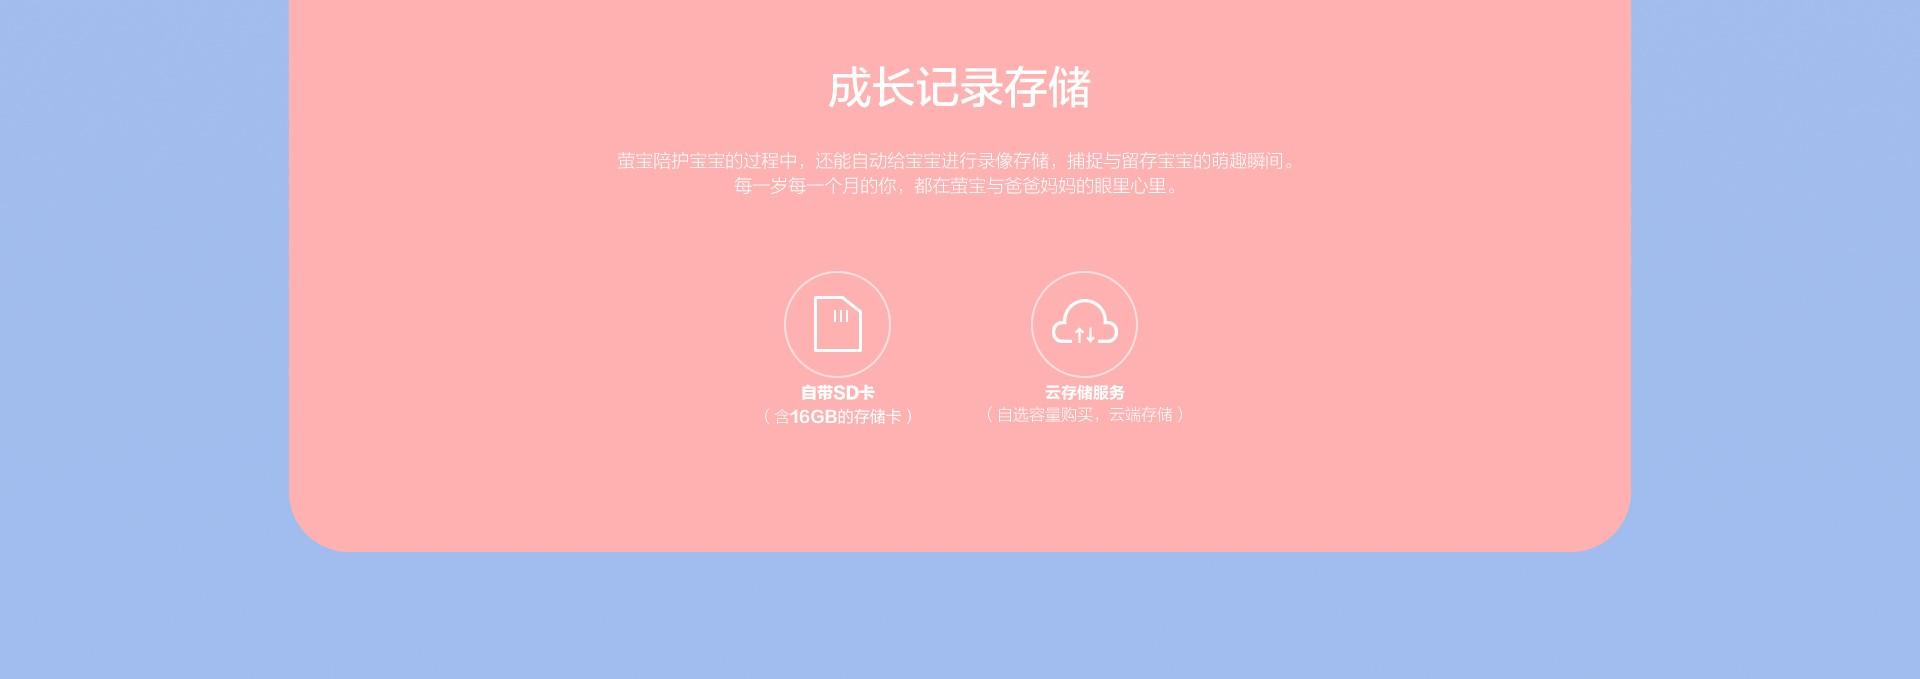 莹宝-web-新版_13.jpg